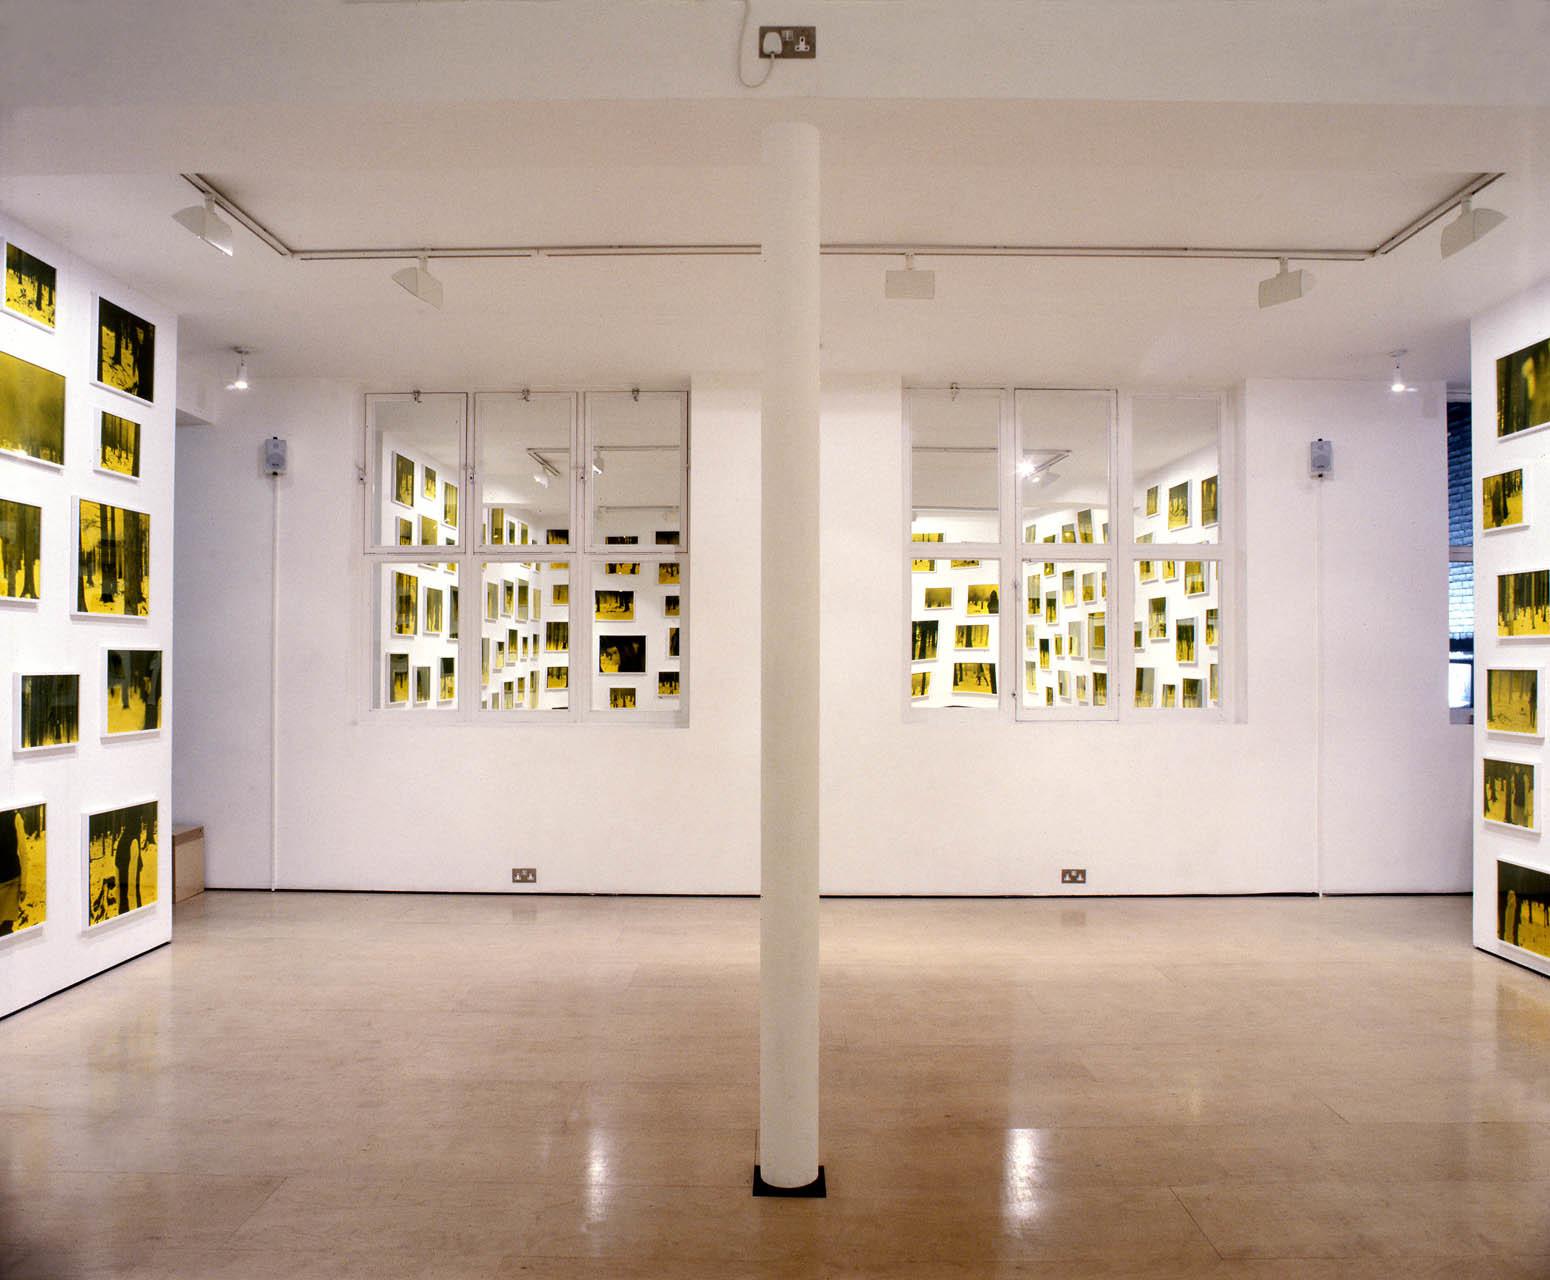 """<div class=""""artwork_caption""""><p>Installation View, 2000</p></div>"""